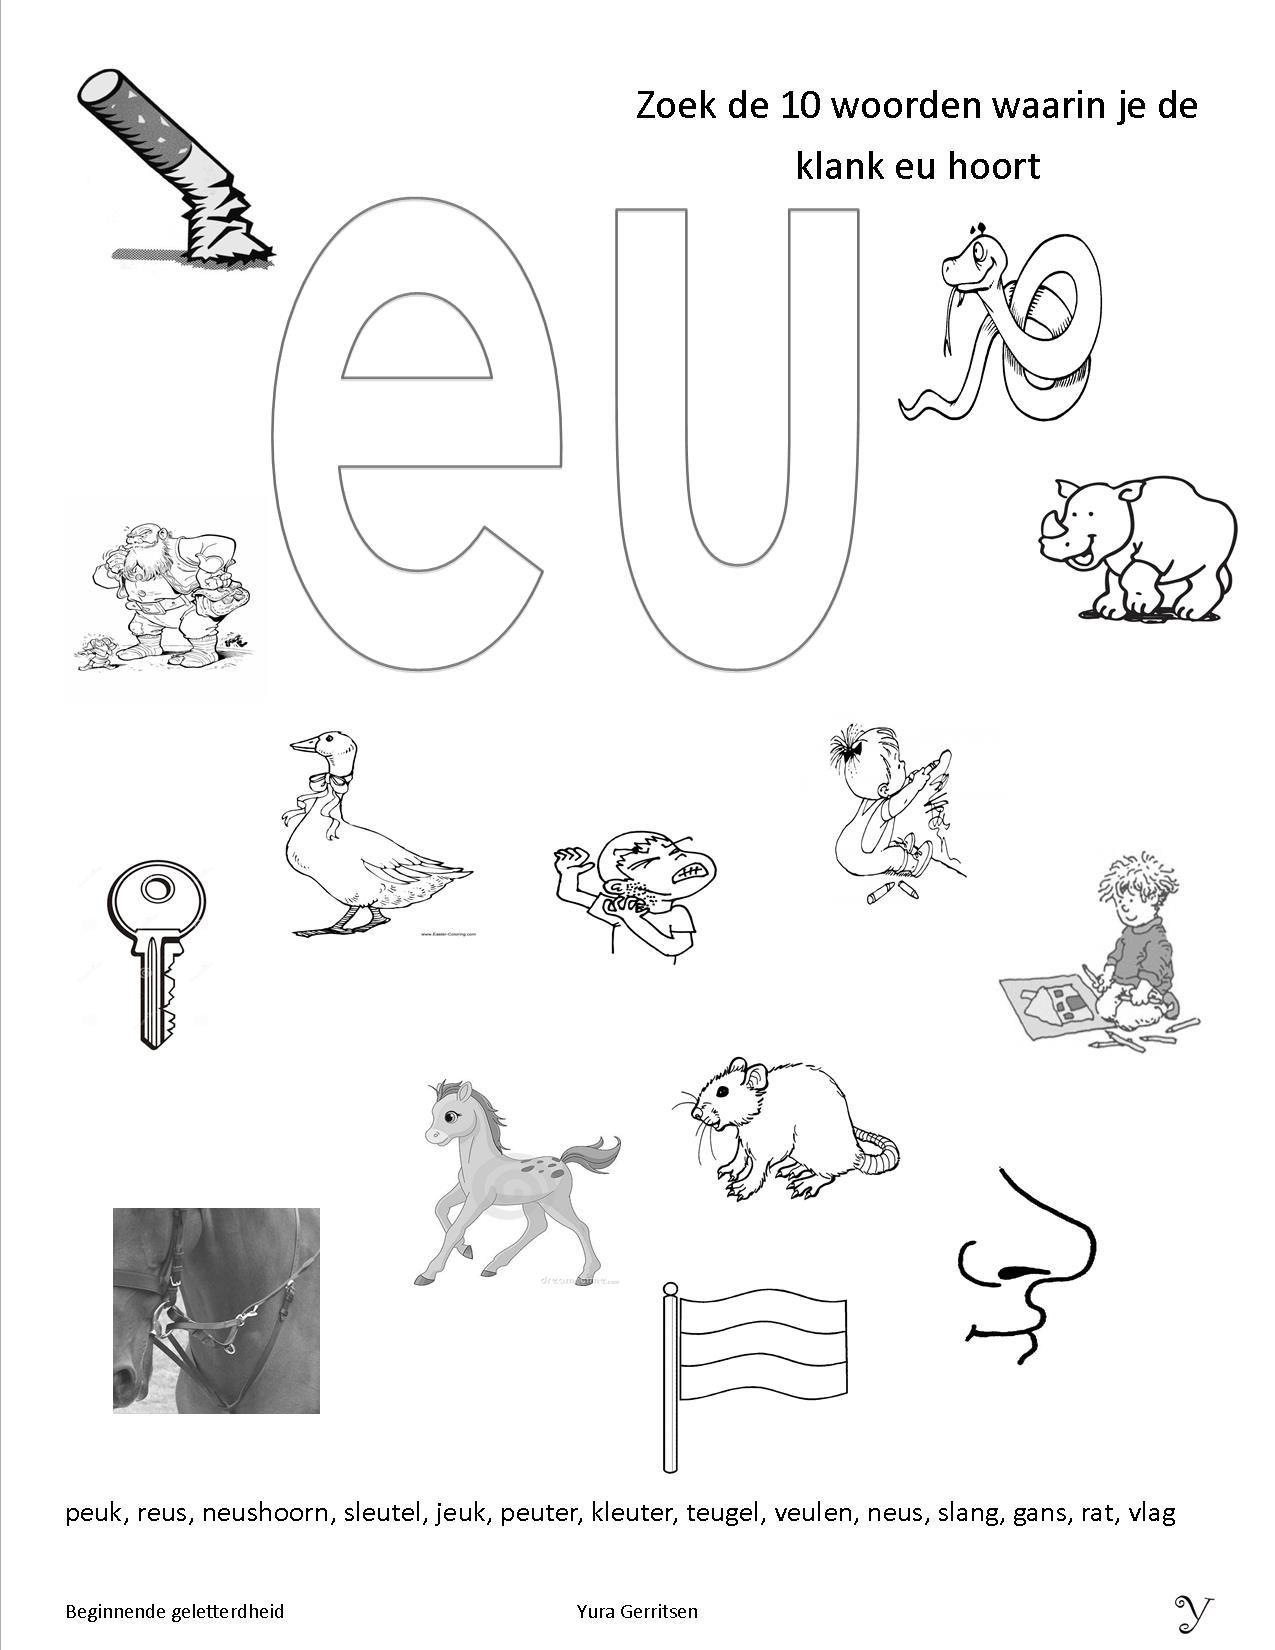 Beroemd werkbladen beginnende geletterdheid | VLL algemeen | Pinterest ZU02